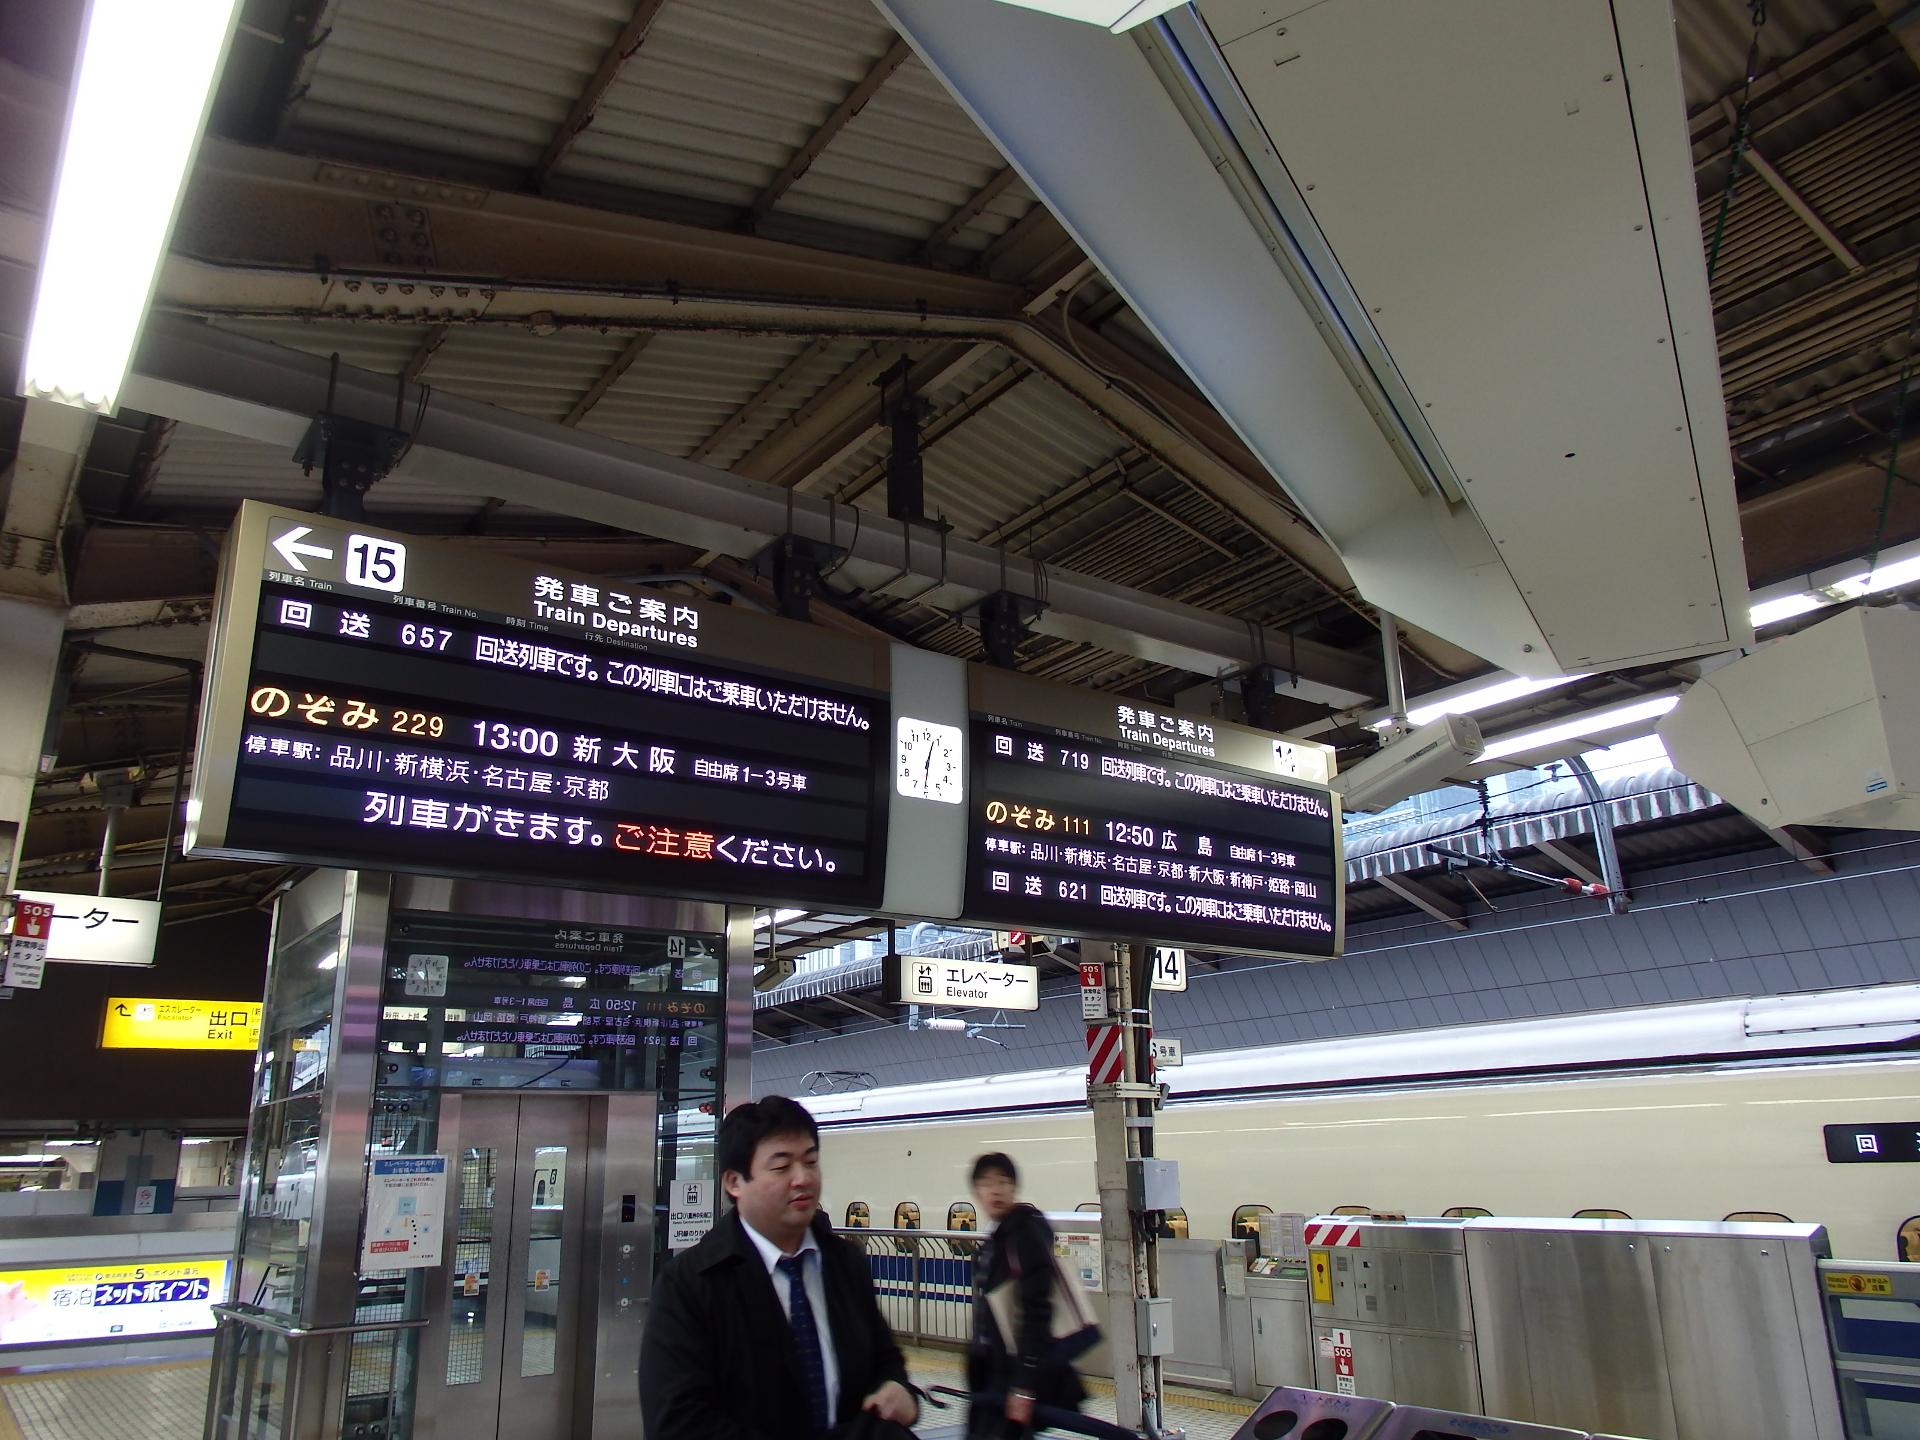 東海道新幹線のダイヤが乱れています。